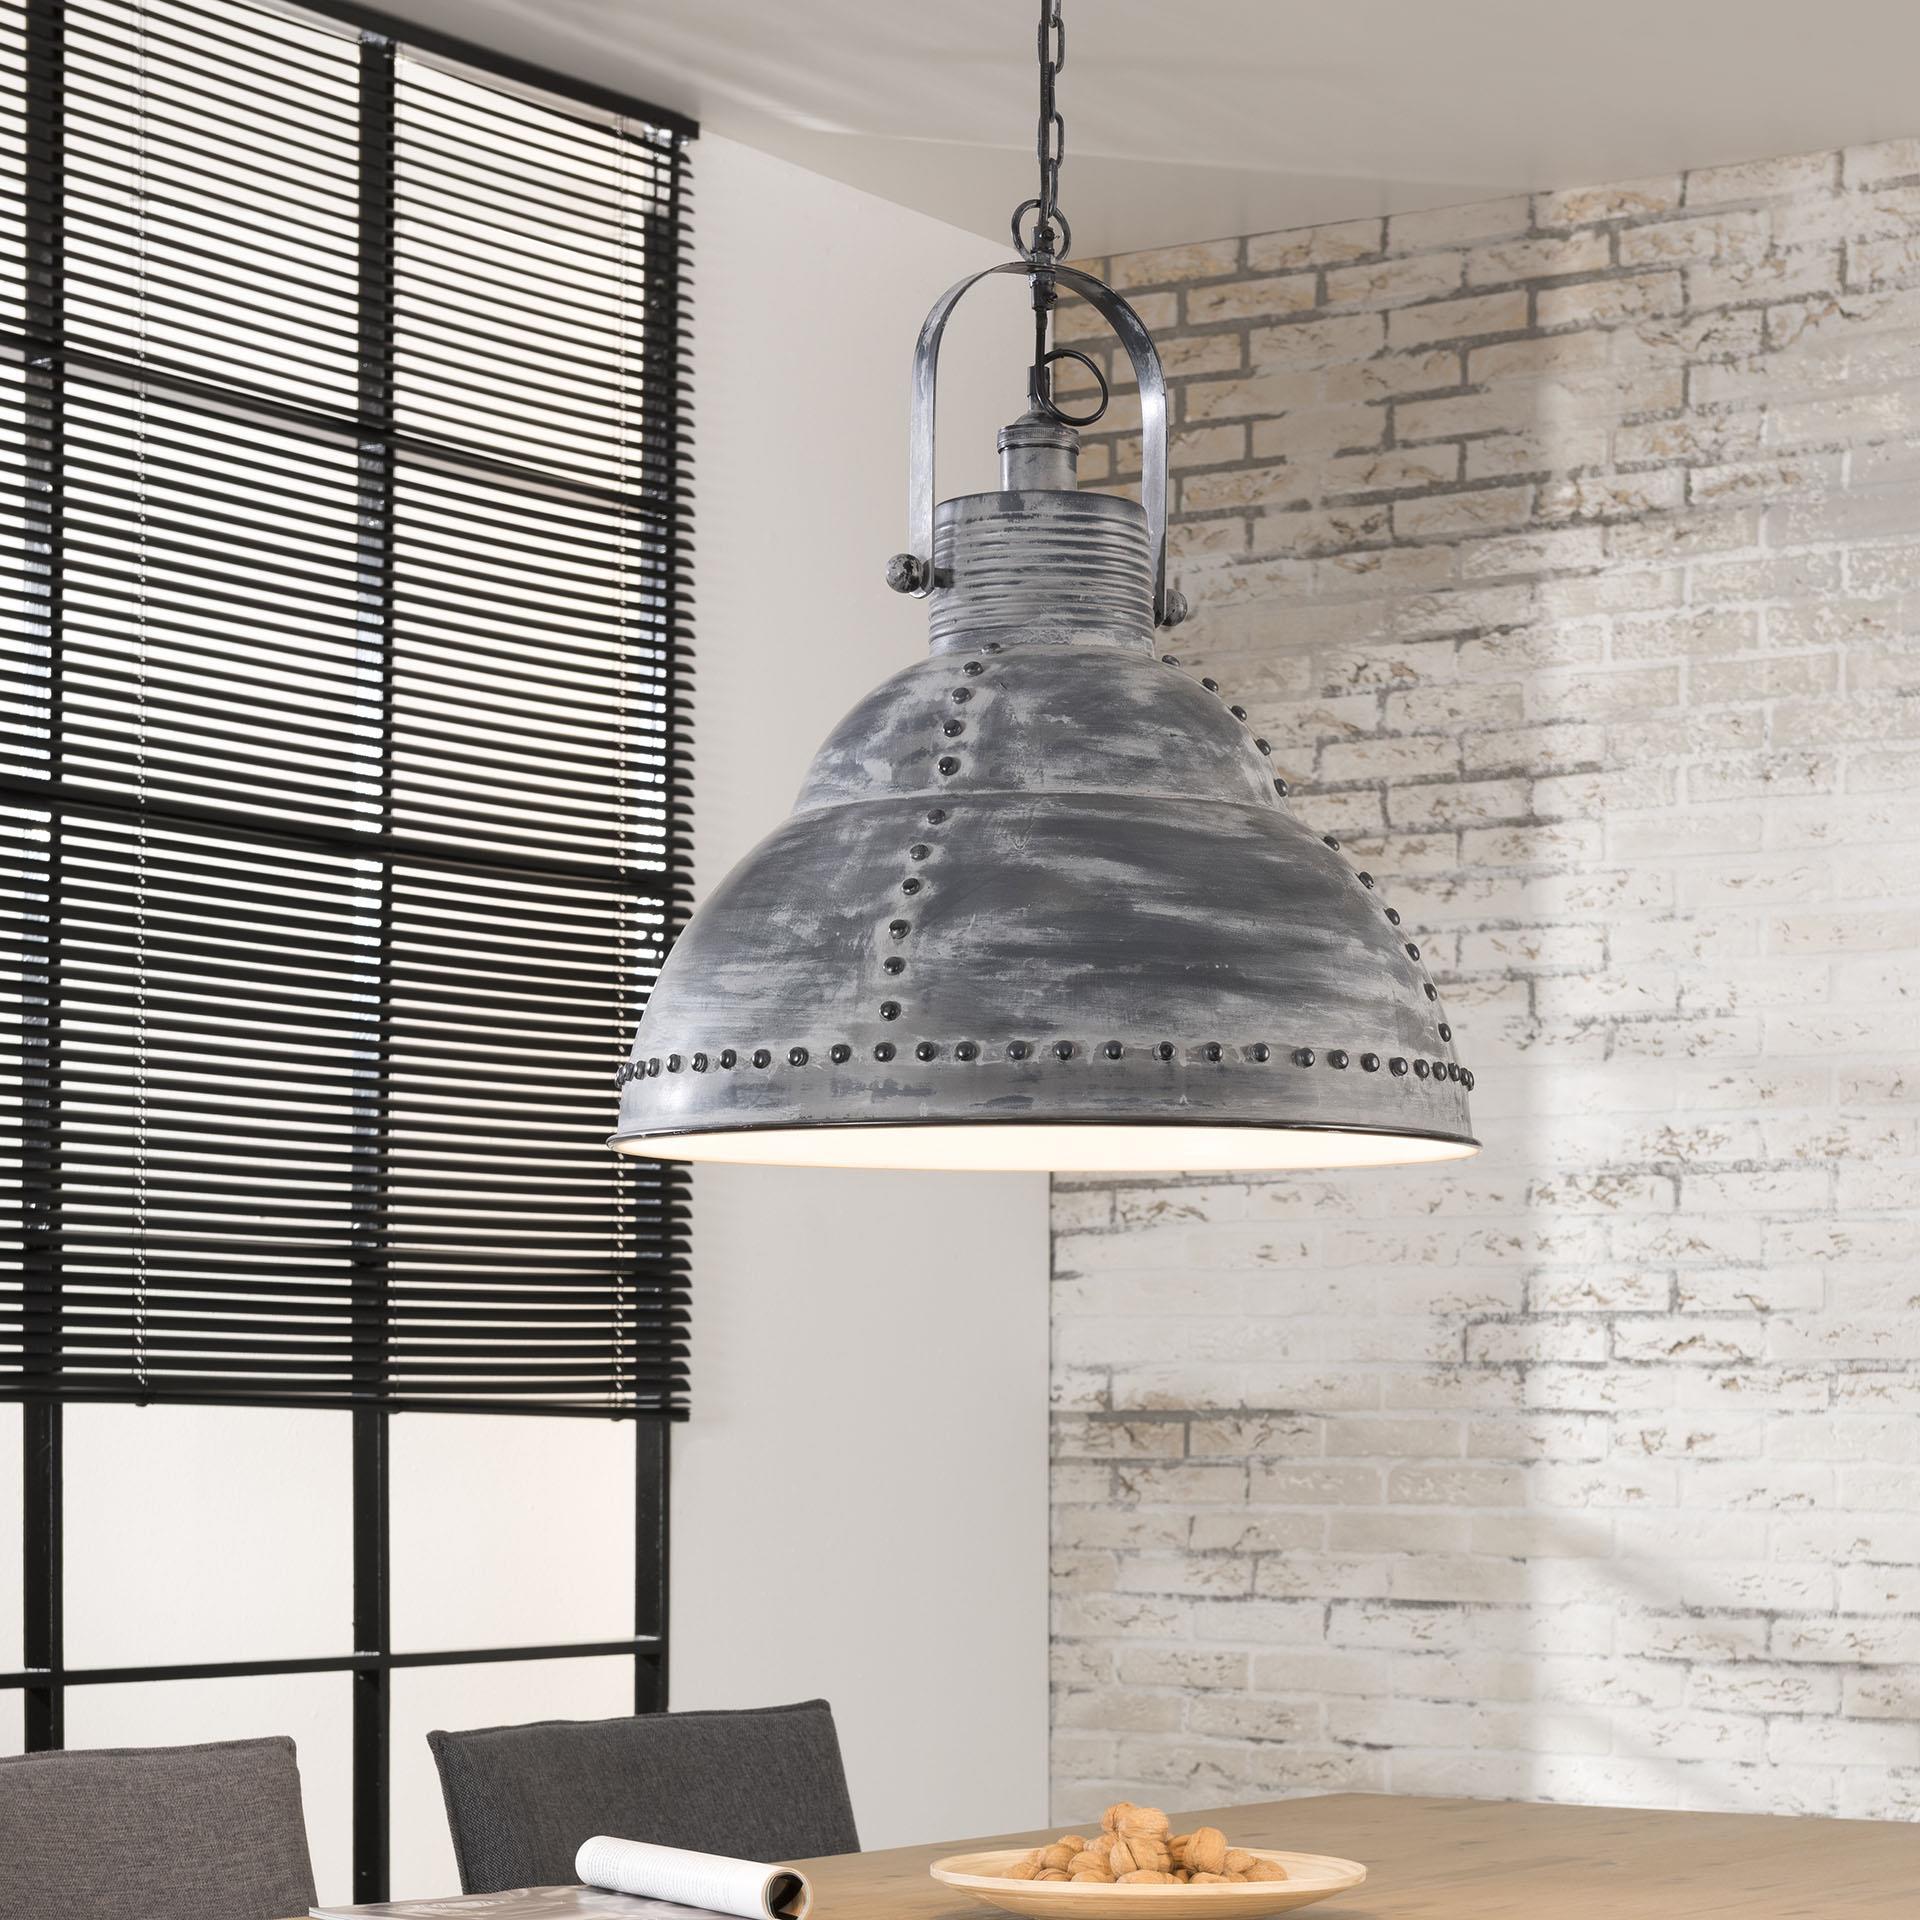 Verlichting | Hanglampen kopen van LifestyleFurn